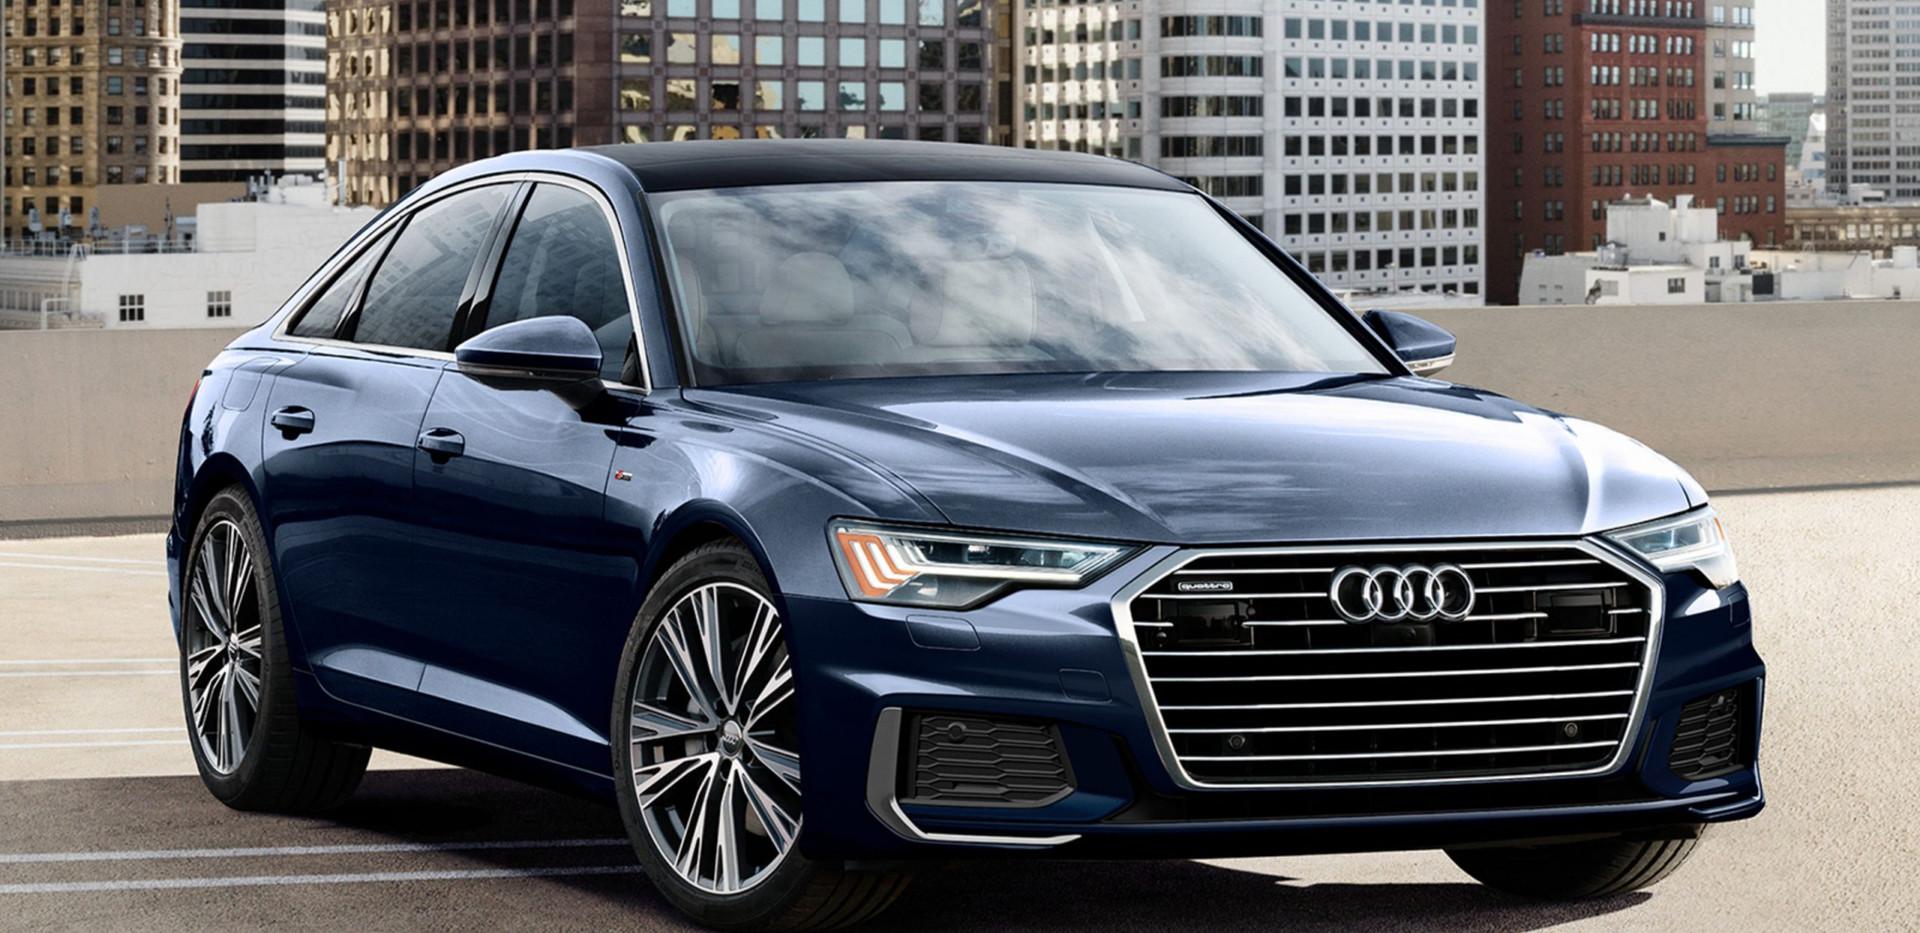 2020-Audi-A6-scaled.jpg